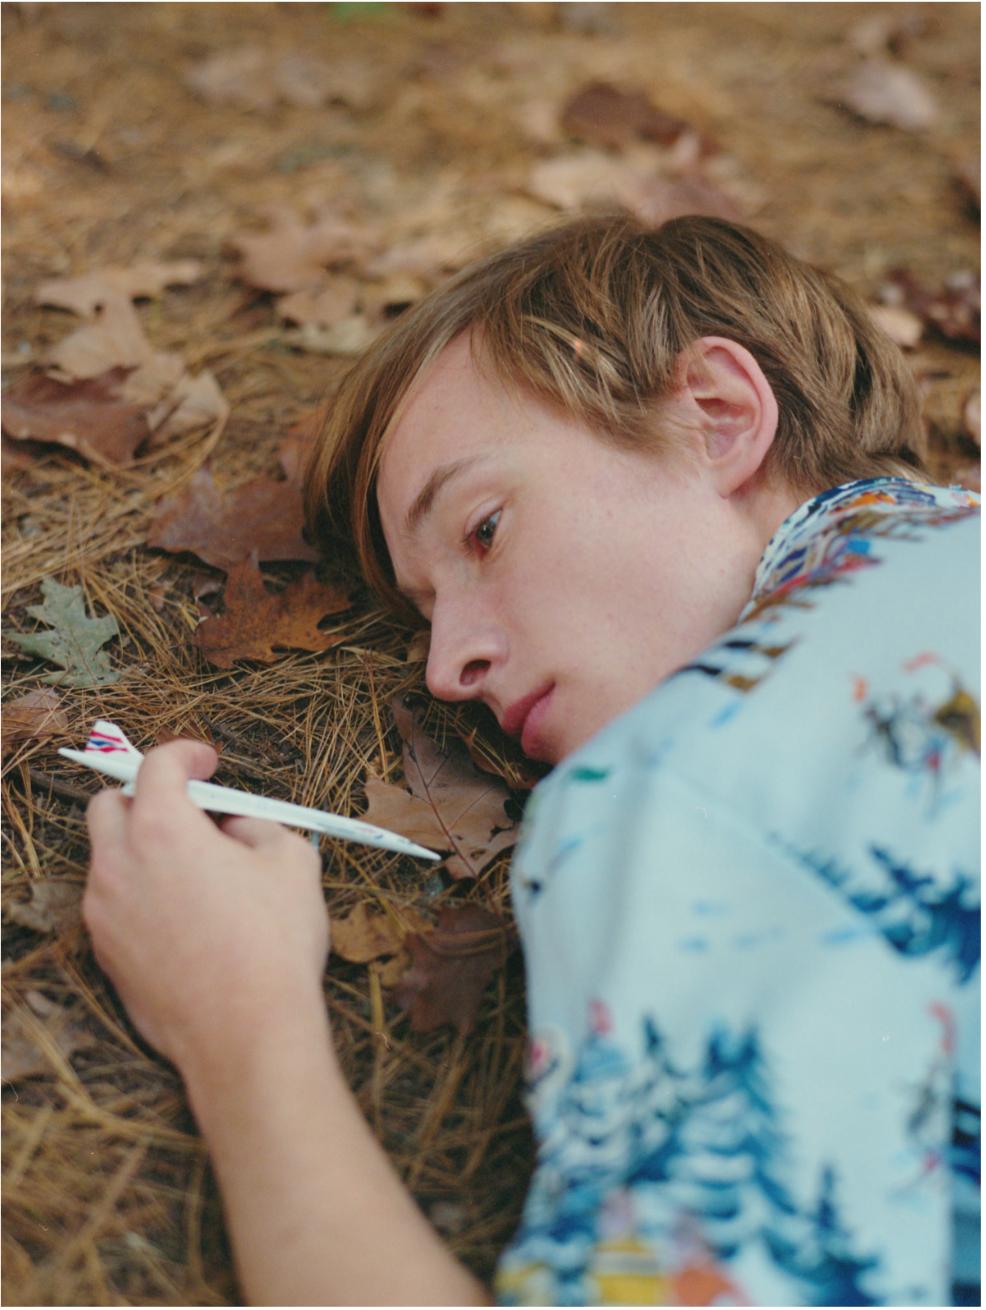 intervista al fotografo Luca Grottoli per OriginalsMilano Grid | Collater.al 7